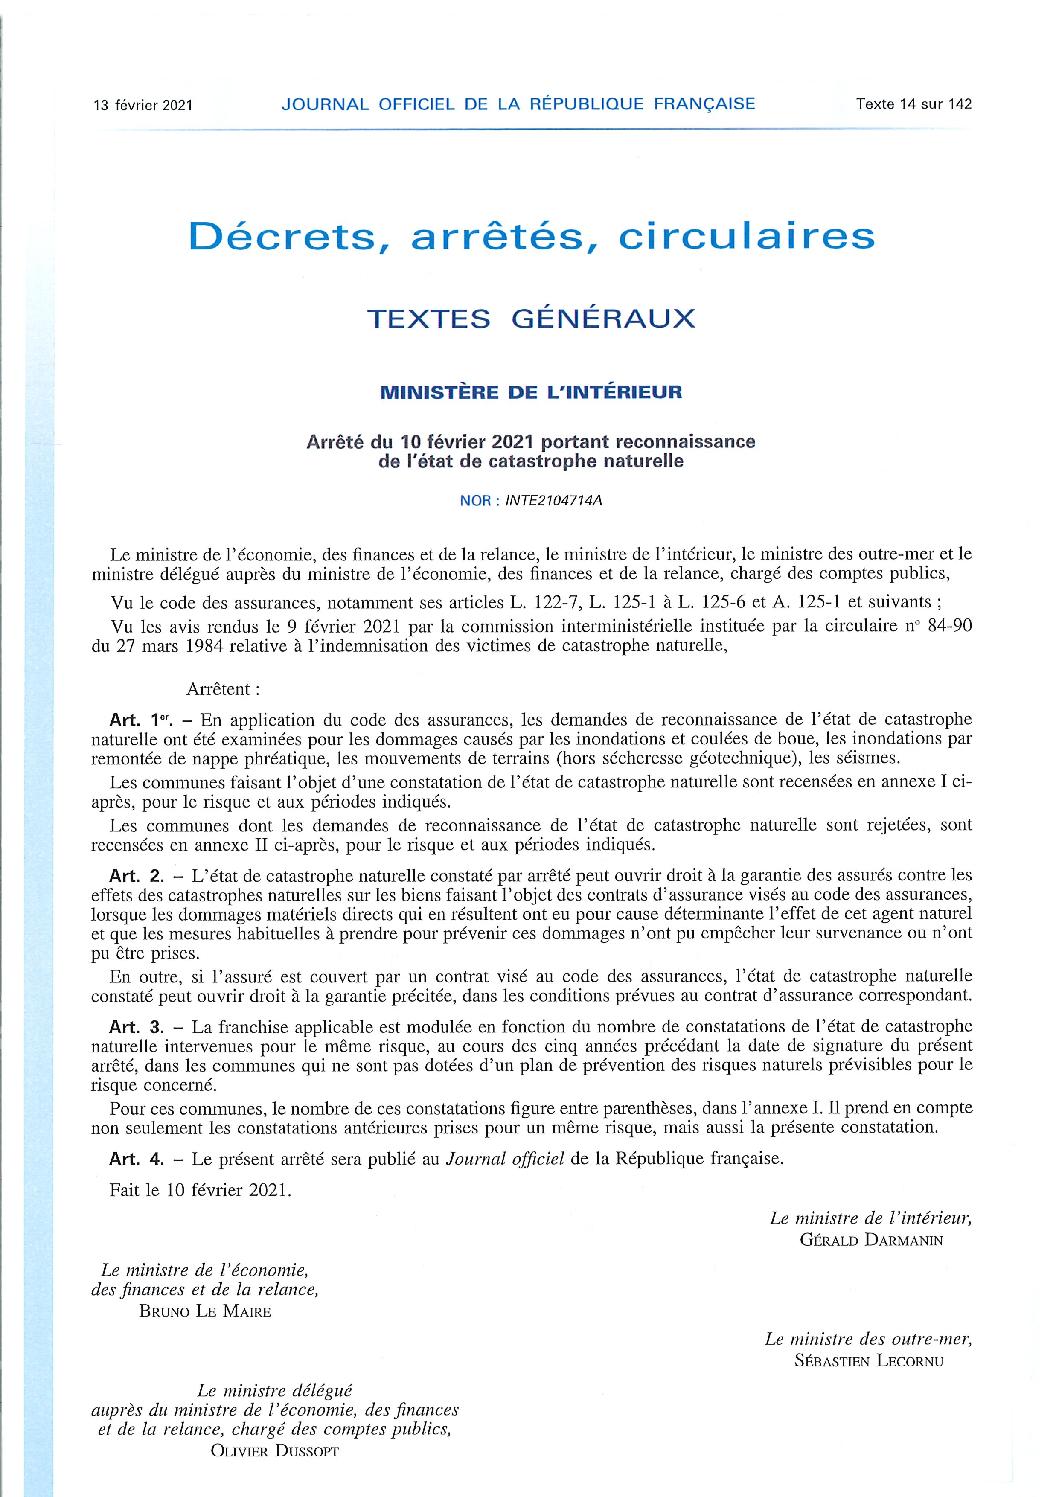 Arrêté du 10-02-2021 portant reconnaissance de l etat de catastrophe naturelle